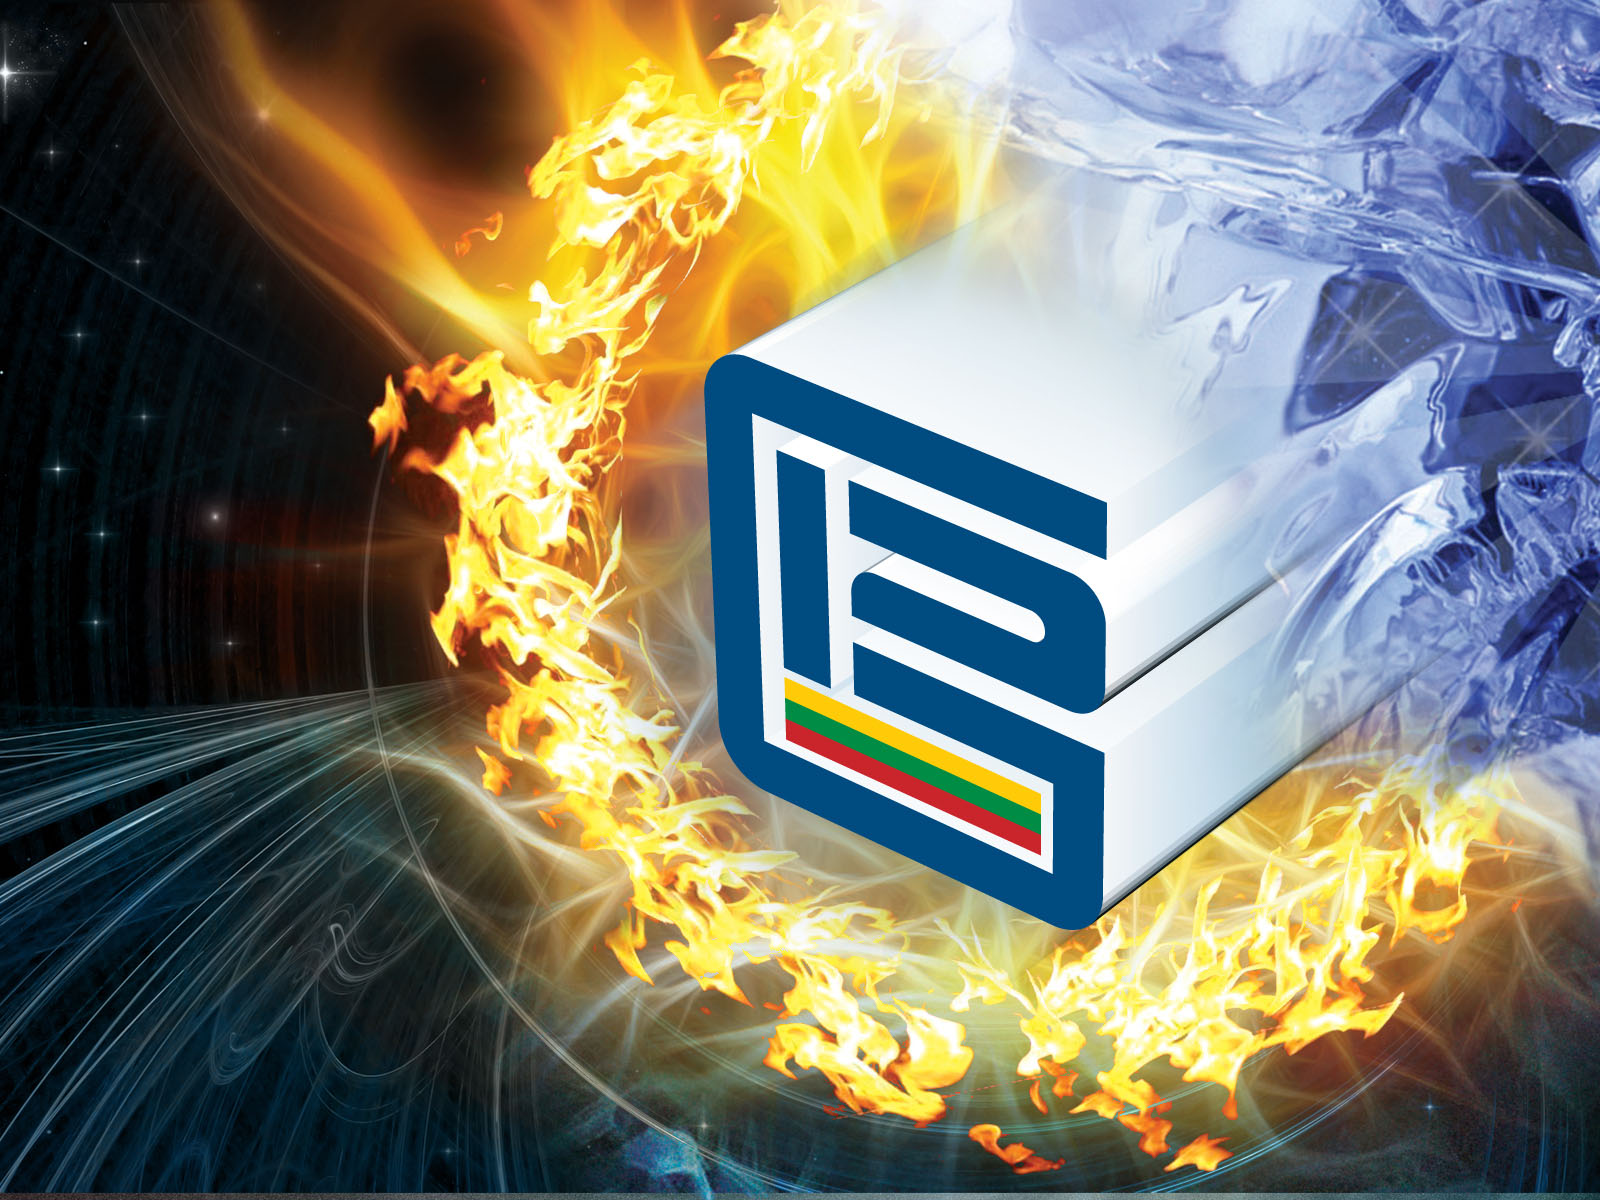 G12_ice_fire_1600x1200px